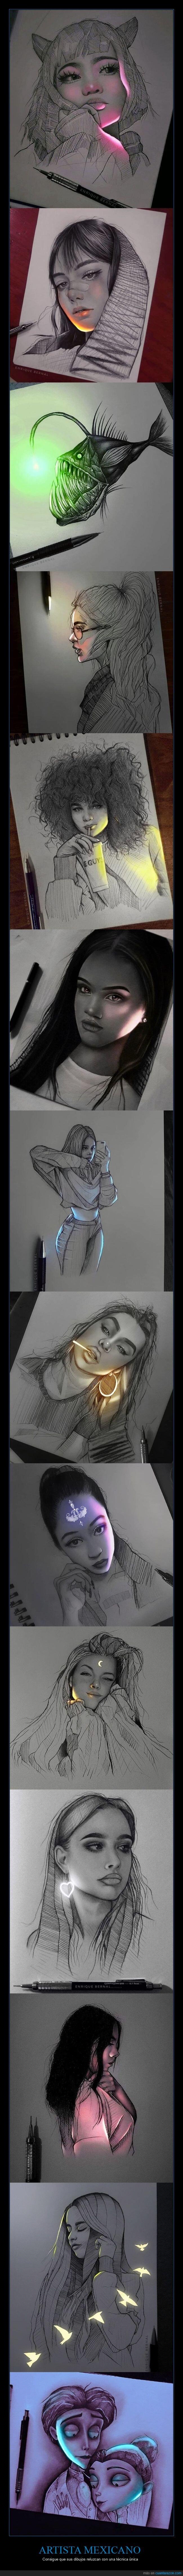 artista,dibujos,relucir,técnica